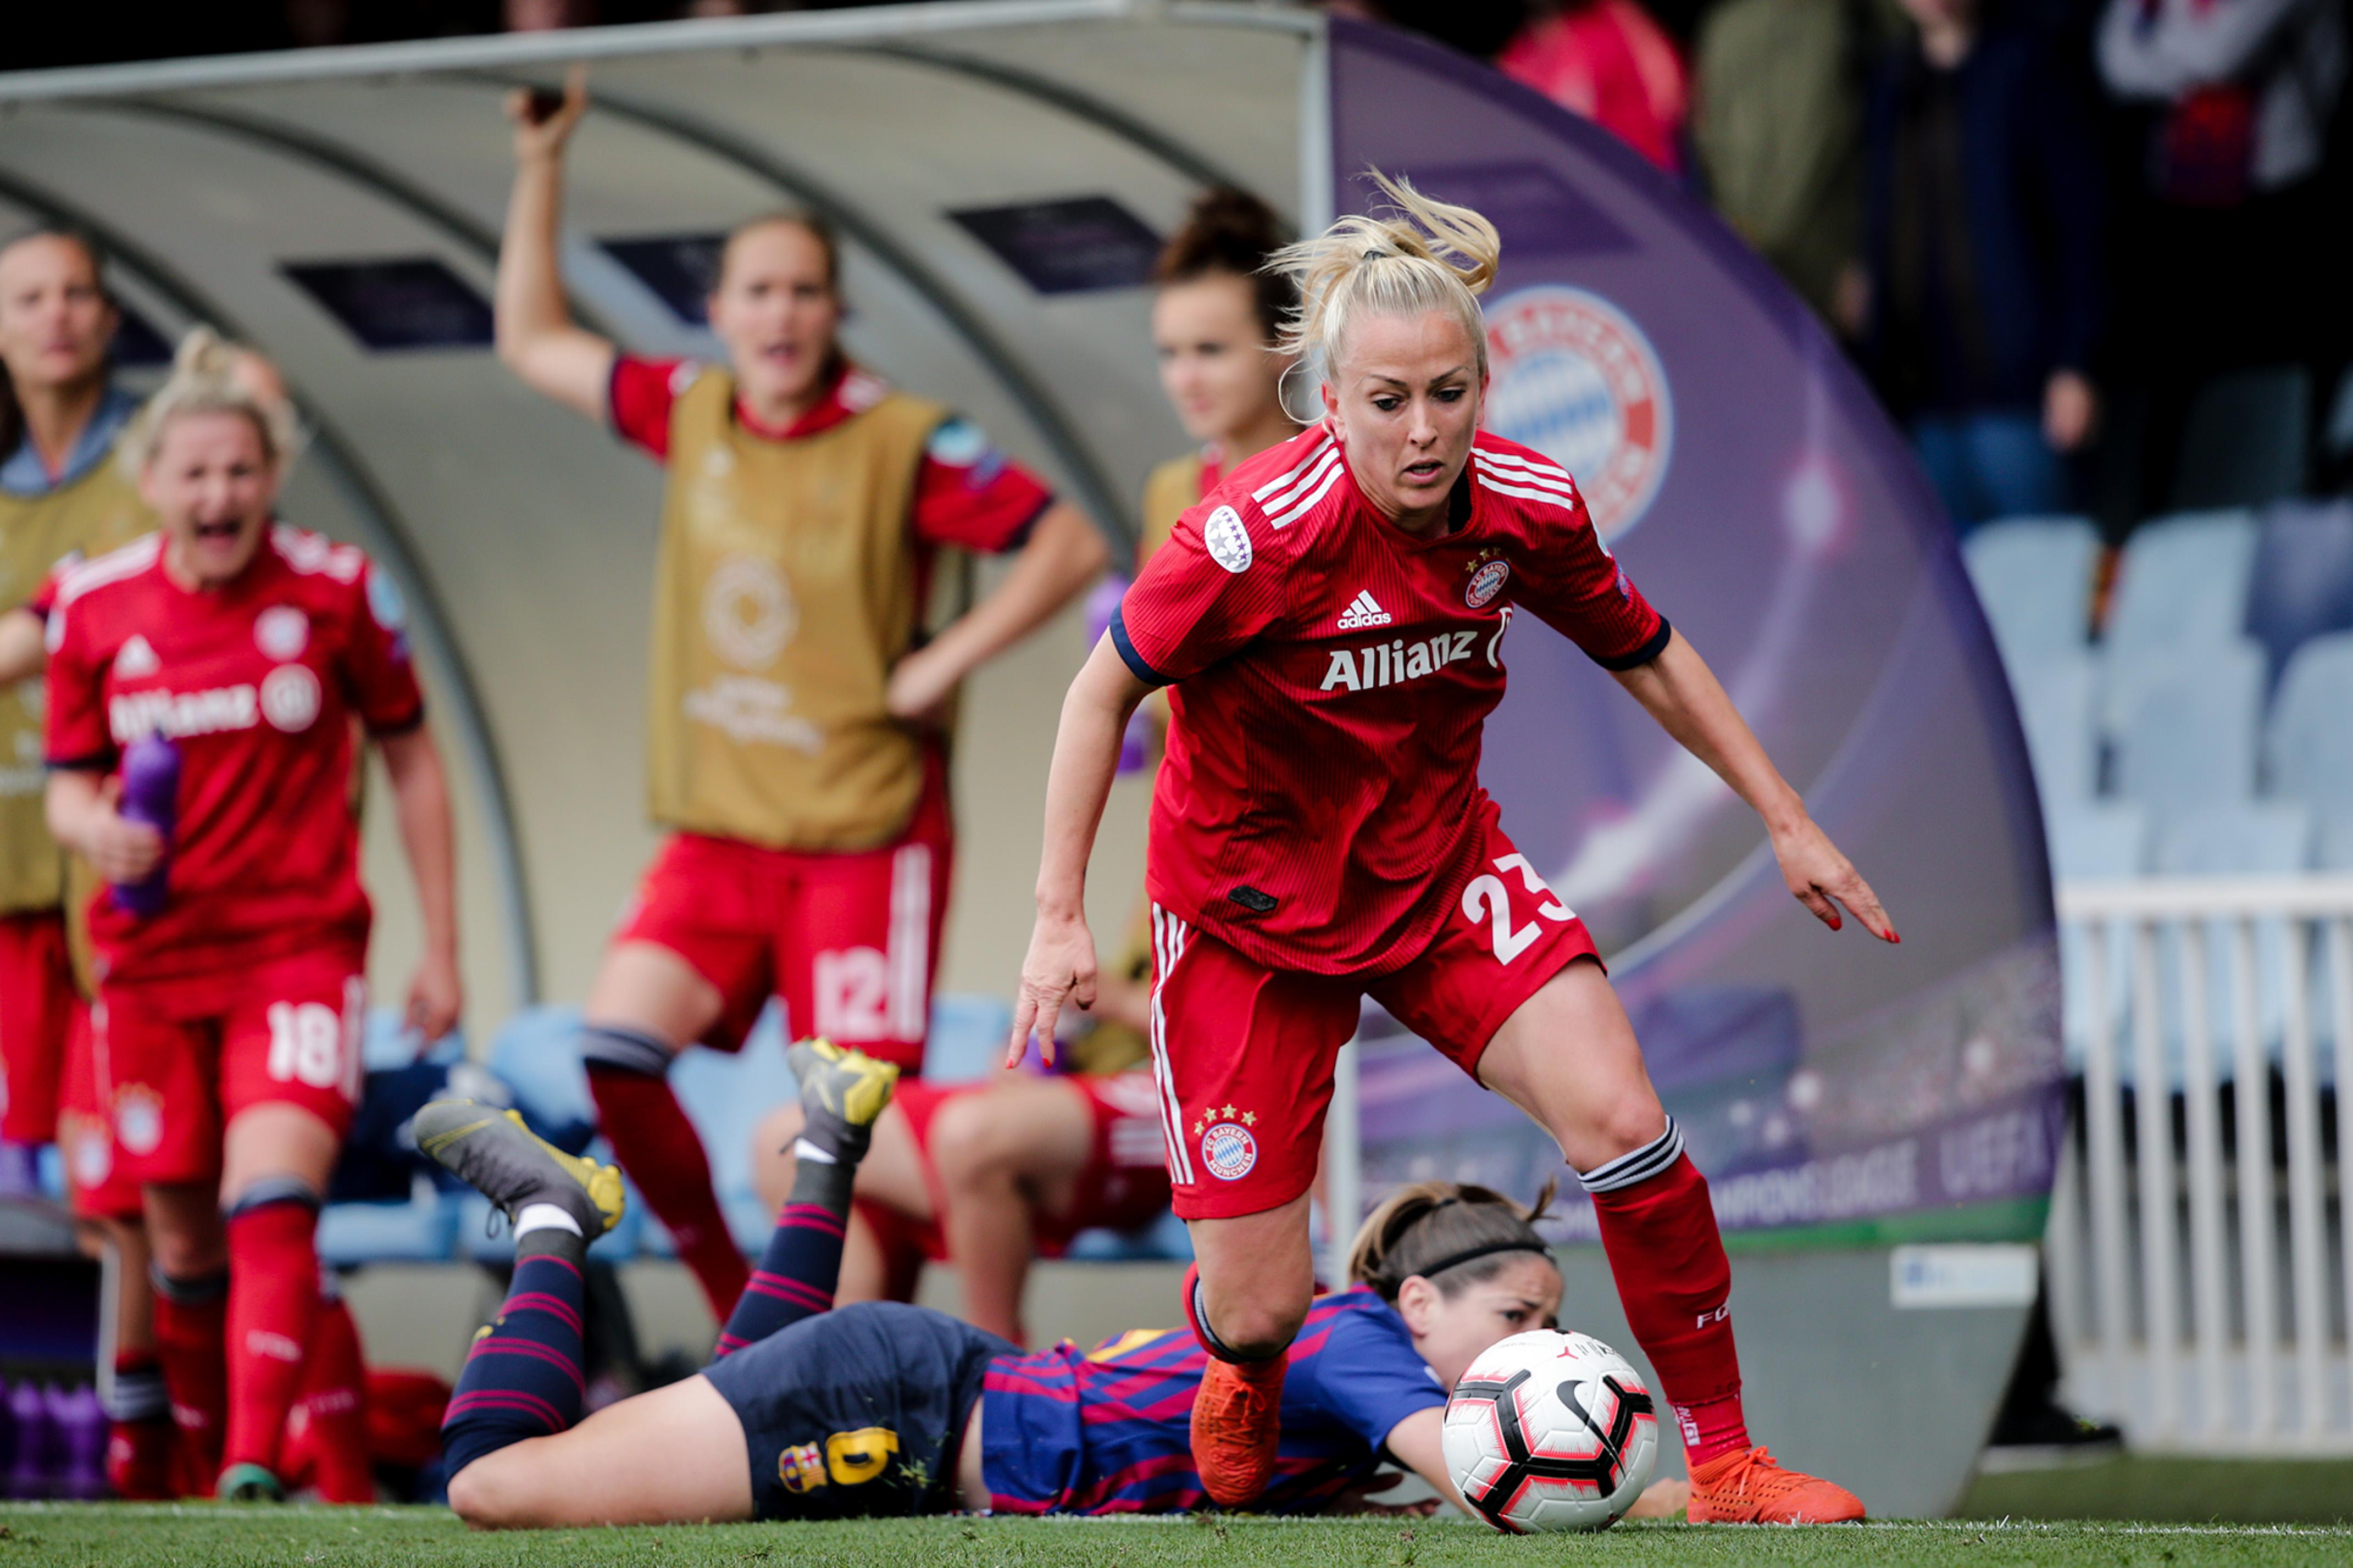 FC Barcelona v Bayern Munchen - UEFA Champions League Women